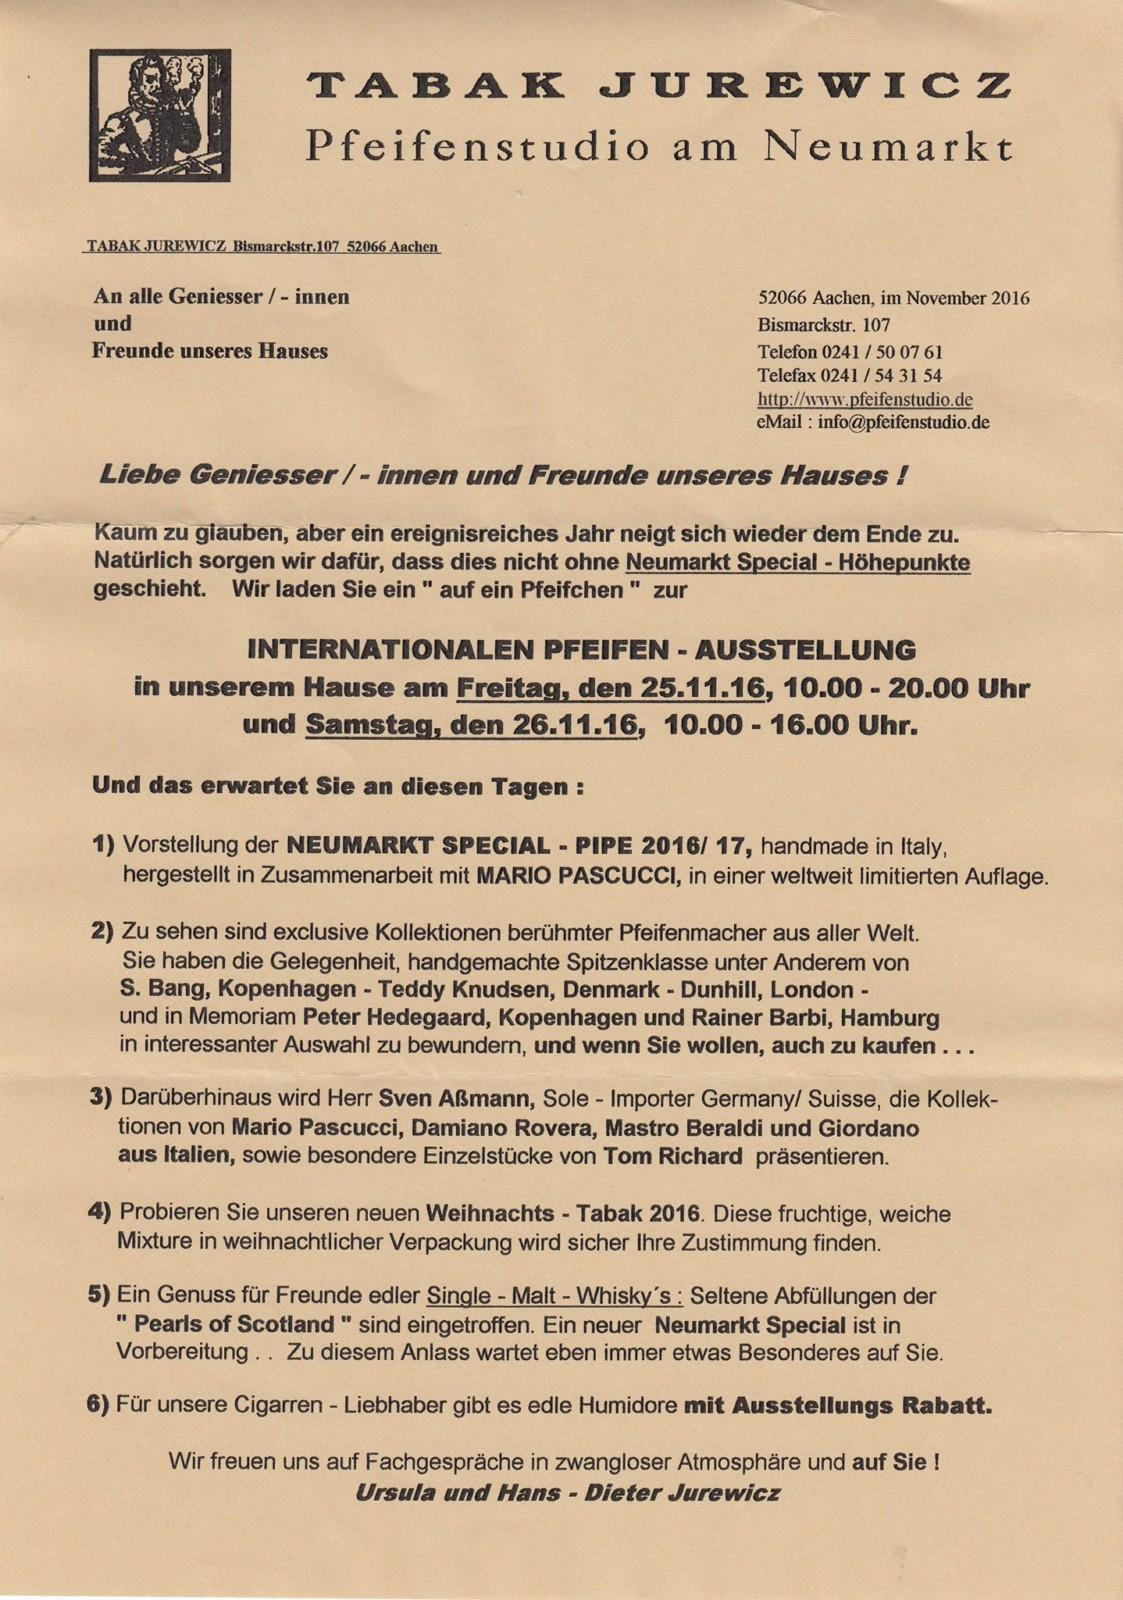 Pflichttermin(e) am 25. und 26.11.2016 bei Tabak Jurewicz auf der Bismarckstr. 107